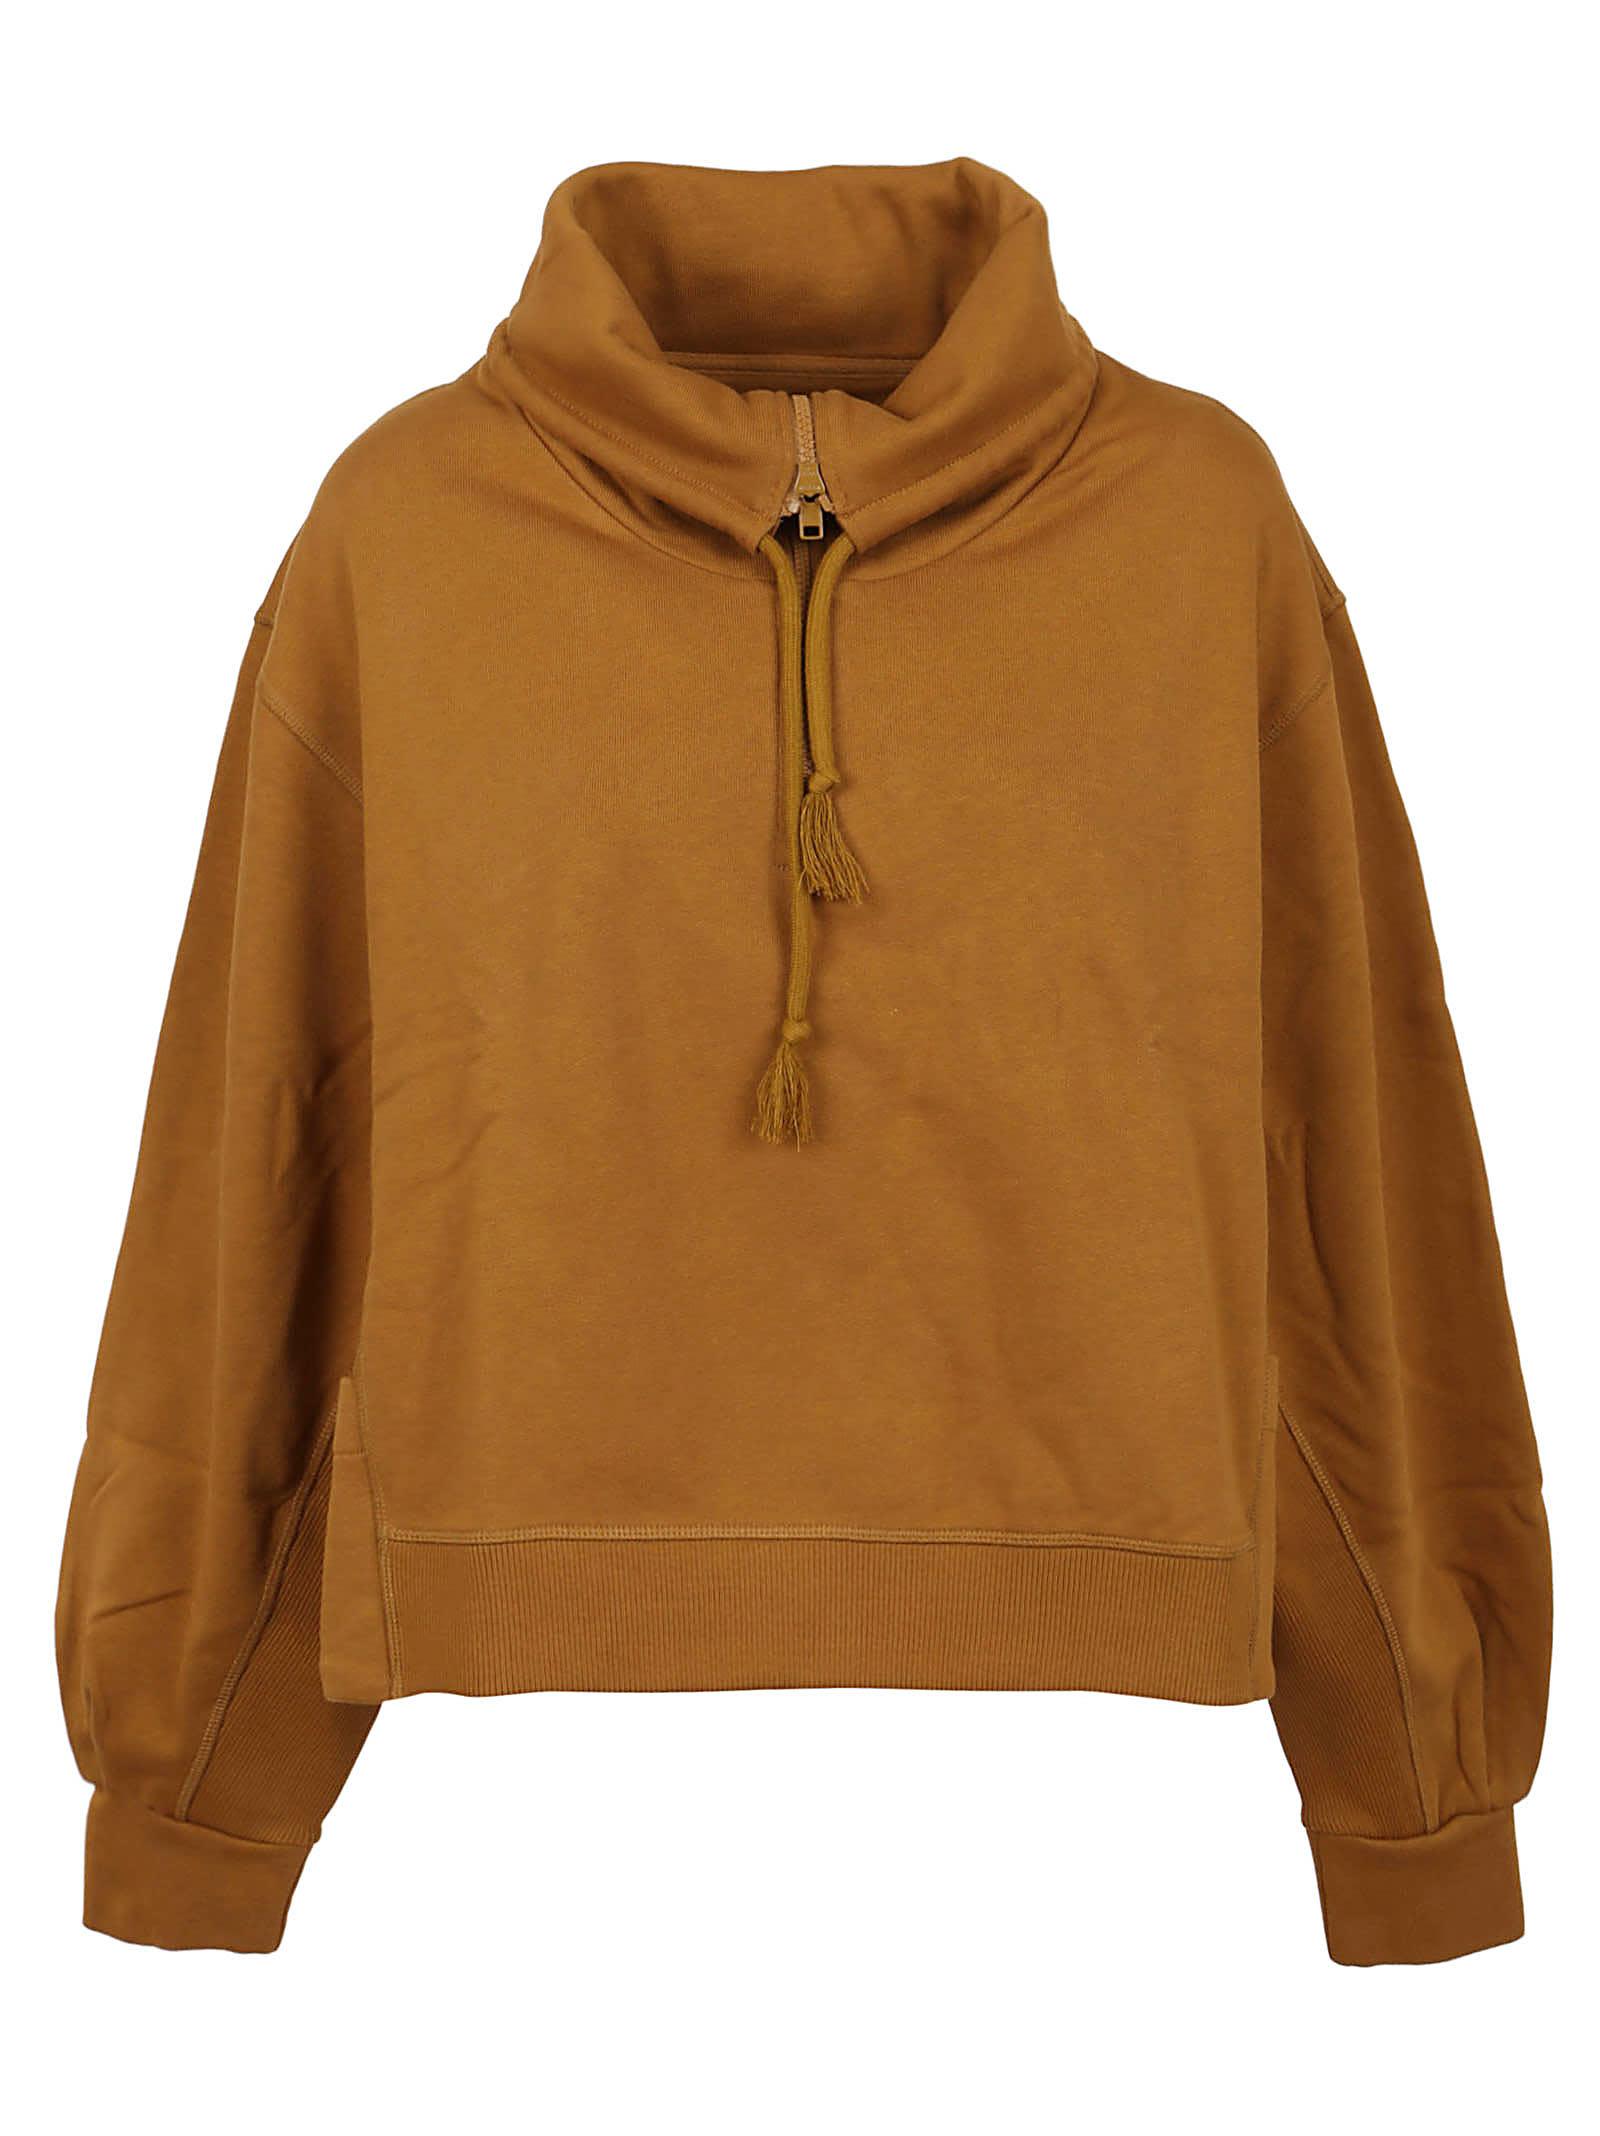 Kenzo Half Zipped Sweatshirt